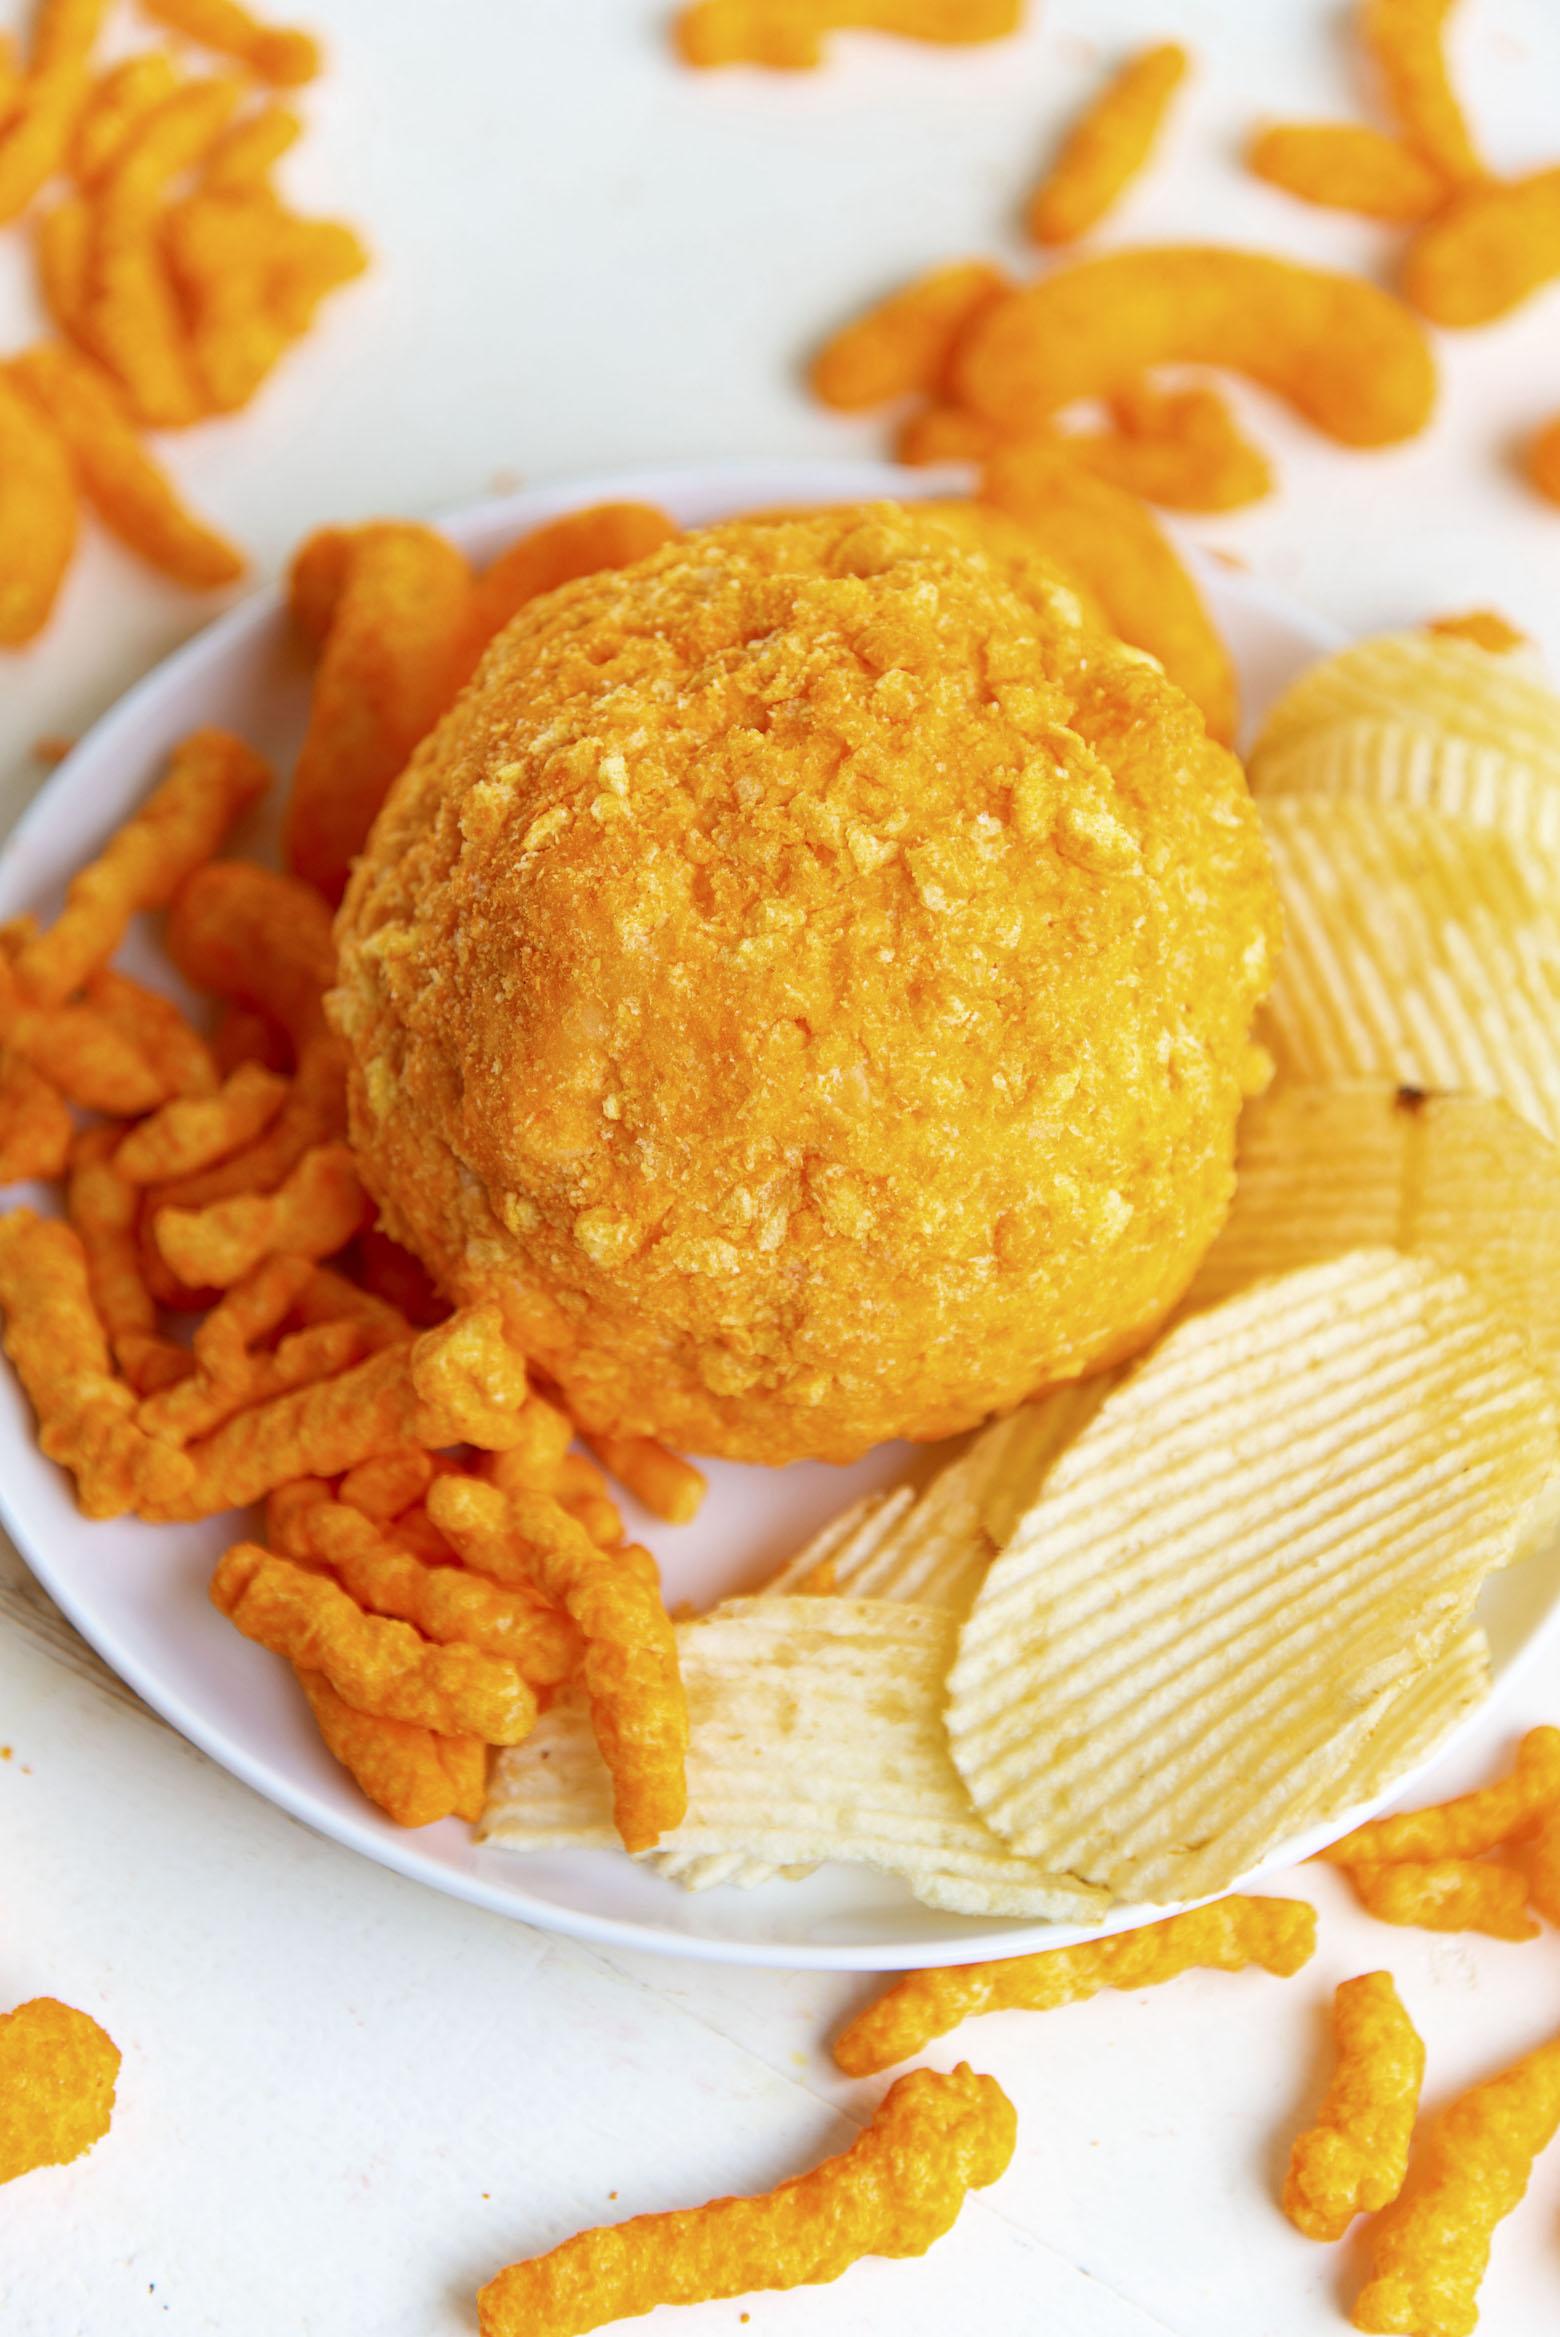 Cheetos Three Cheese Cheeseball